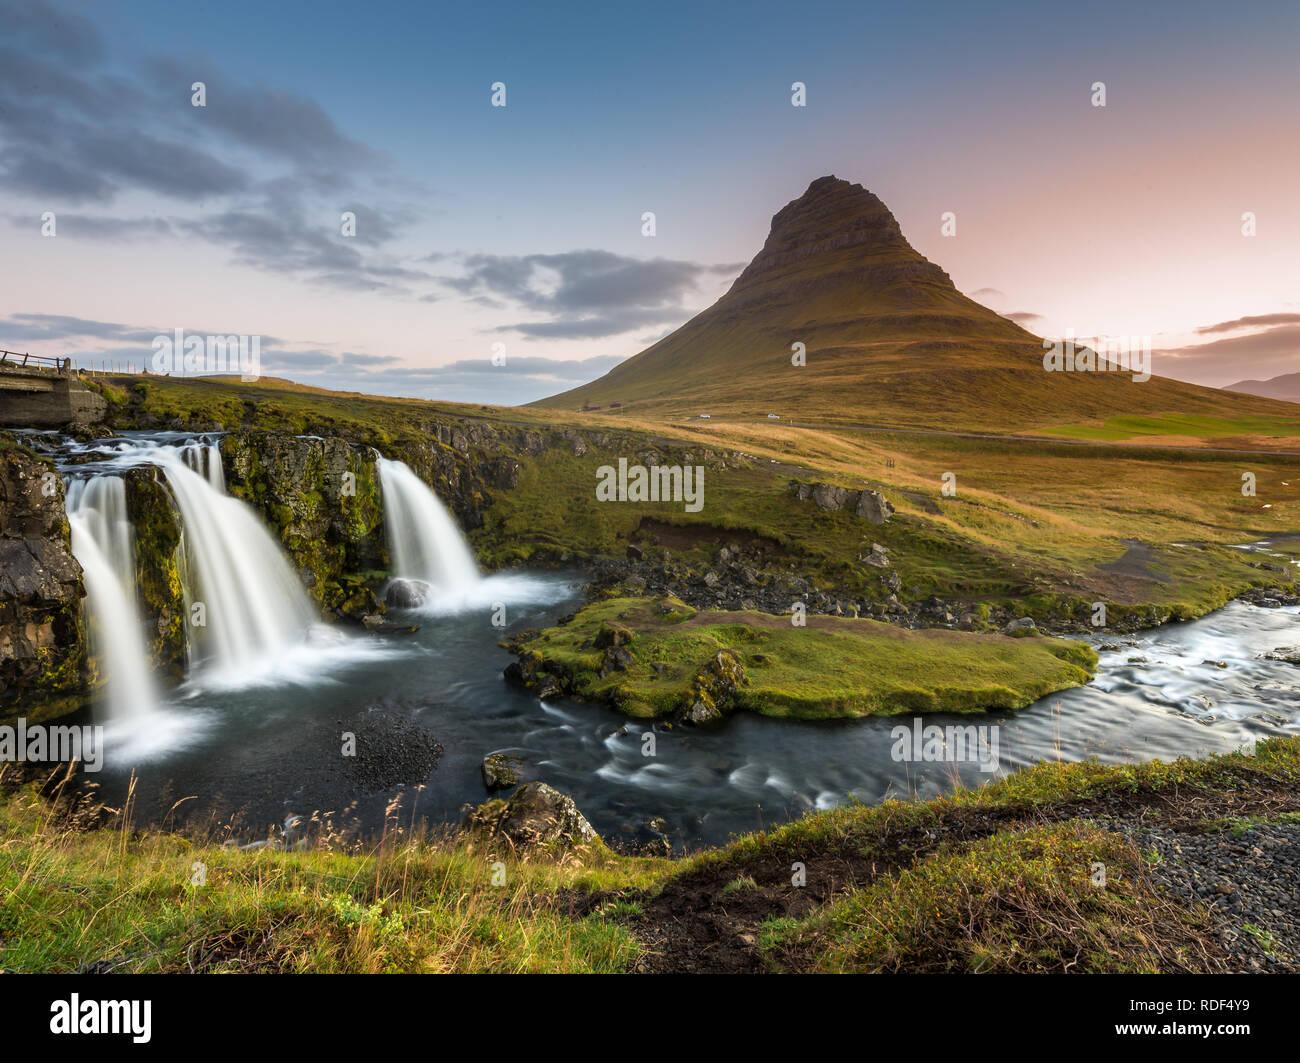 Langzeitbelichtung des Kirkjufellsfoss Wasserfalls auf der Snaefellsnes Halbinsel - Stock Image